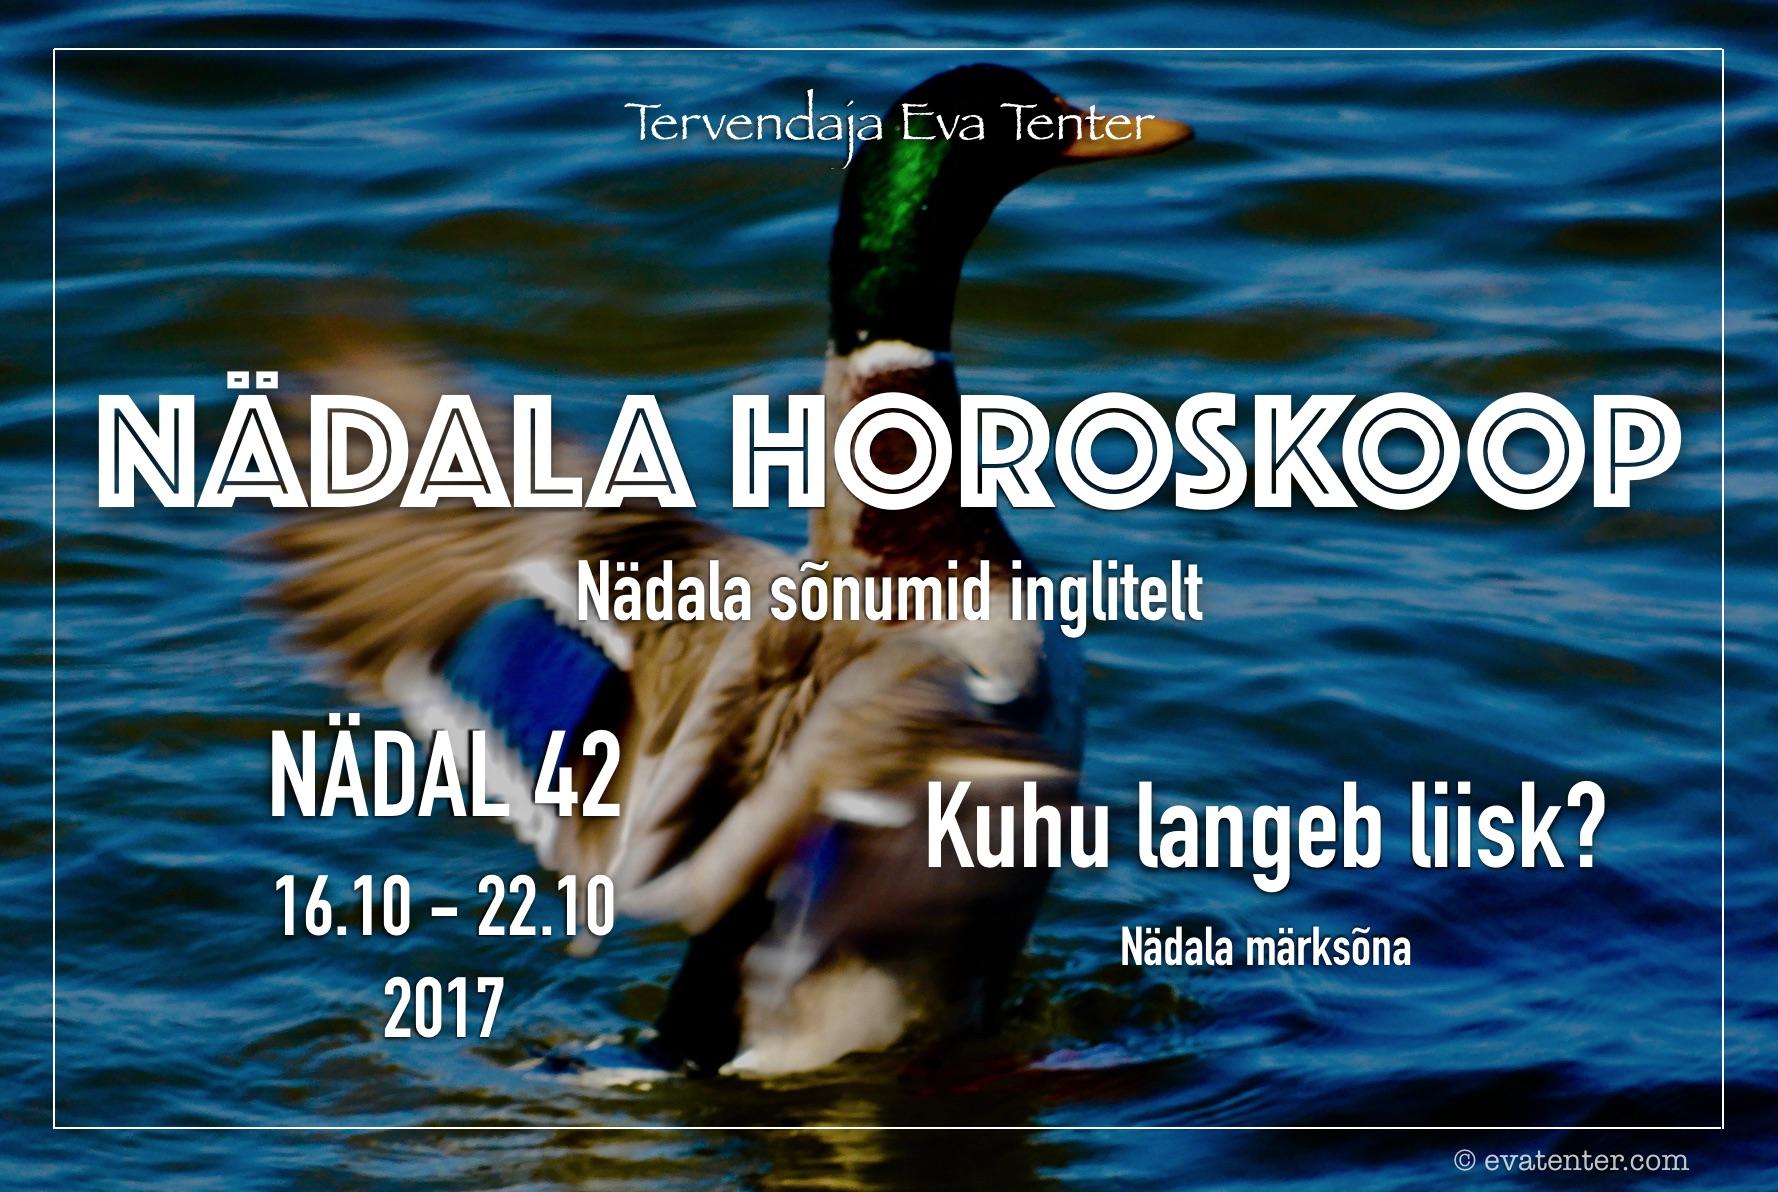 Nädala horoskoop 16.10-22.10.2017